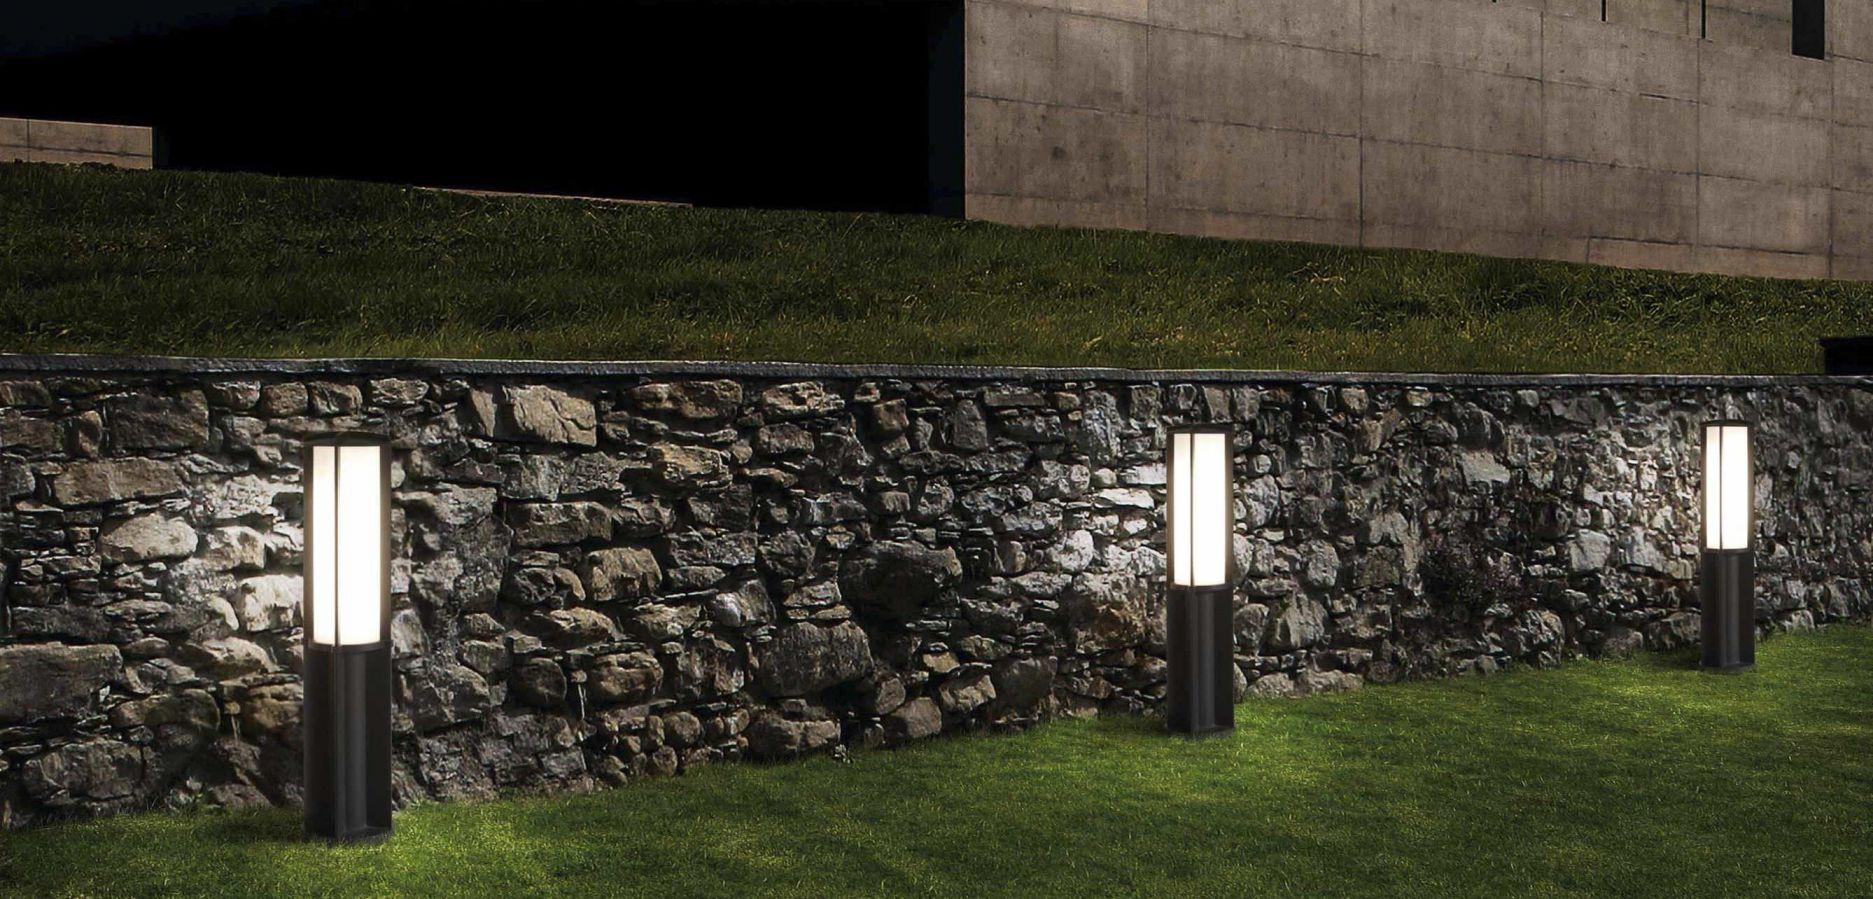 Popolari esempi illuminazione giardino ridipingere for Esempi giardino